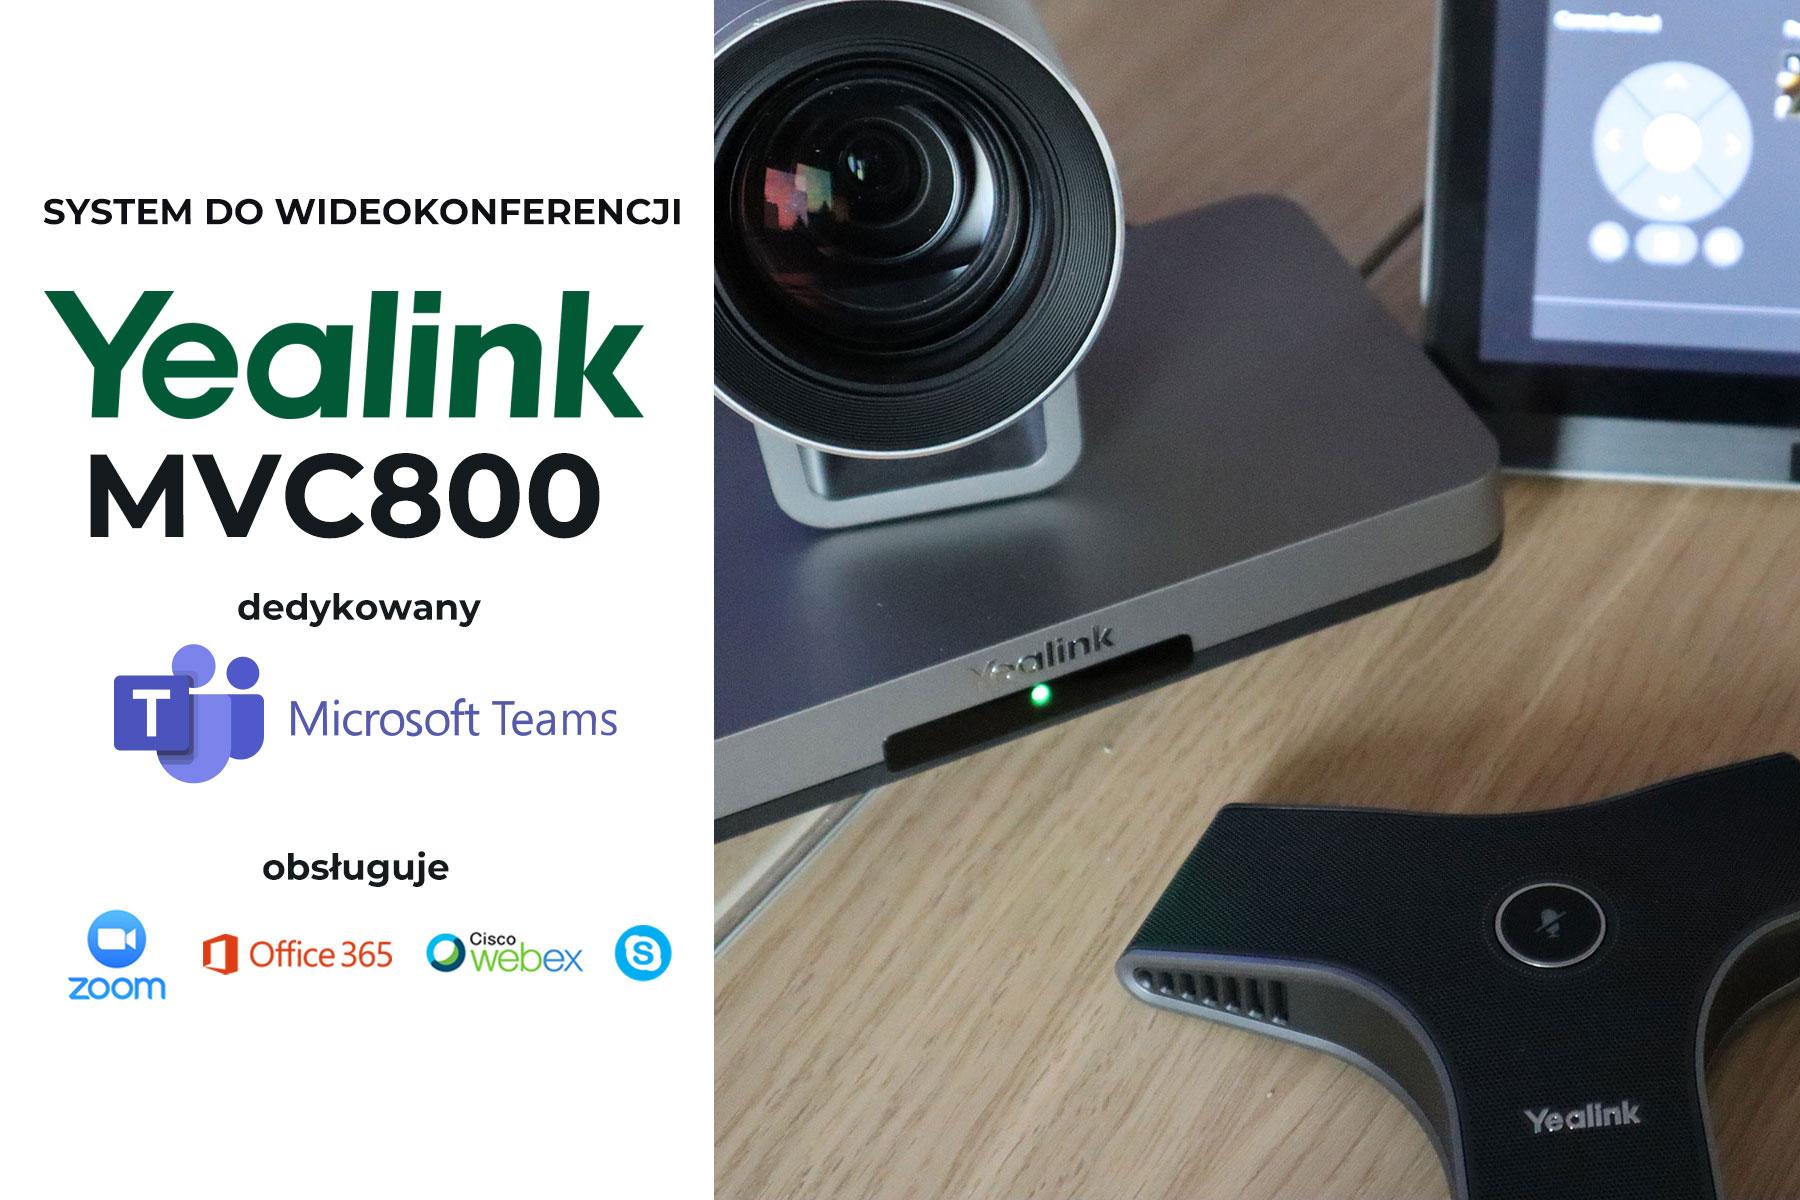 Zestaw do wideokonferencji Yealink MVC800